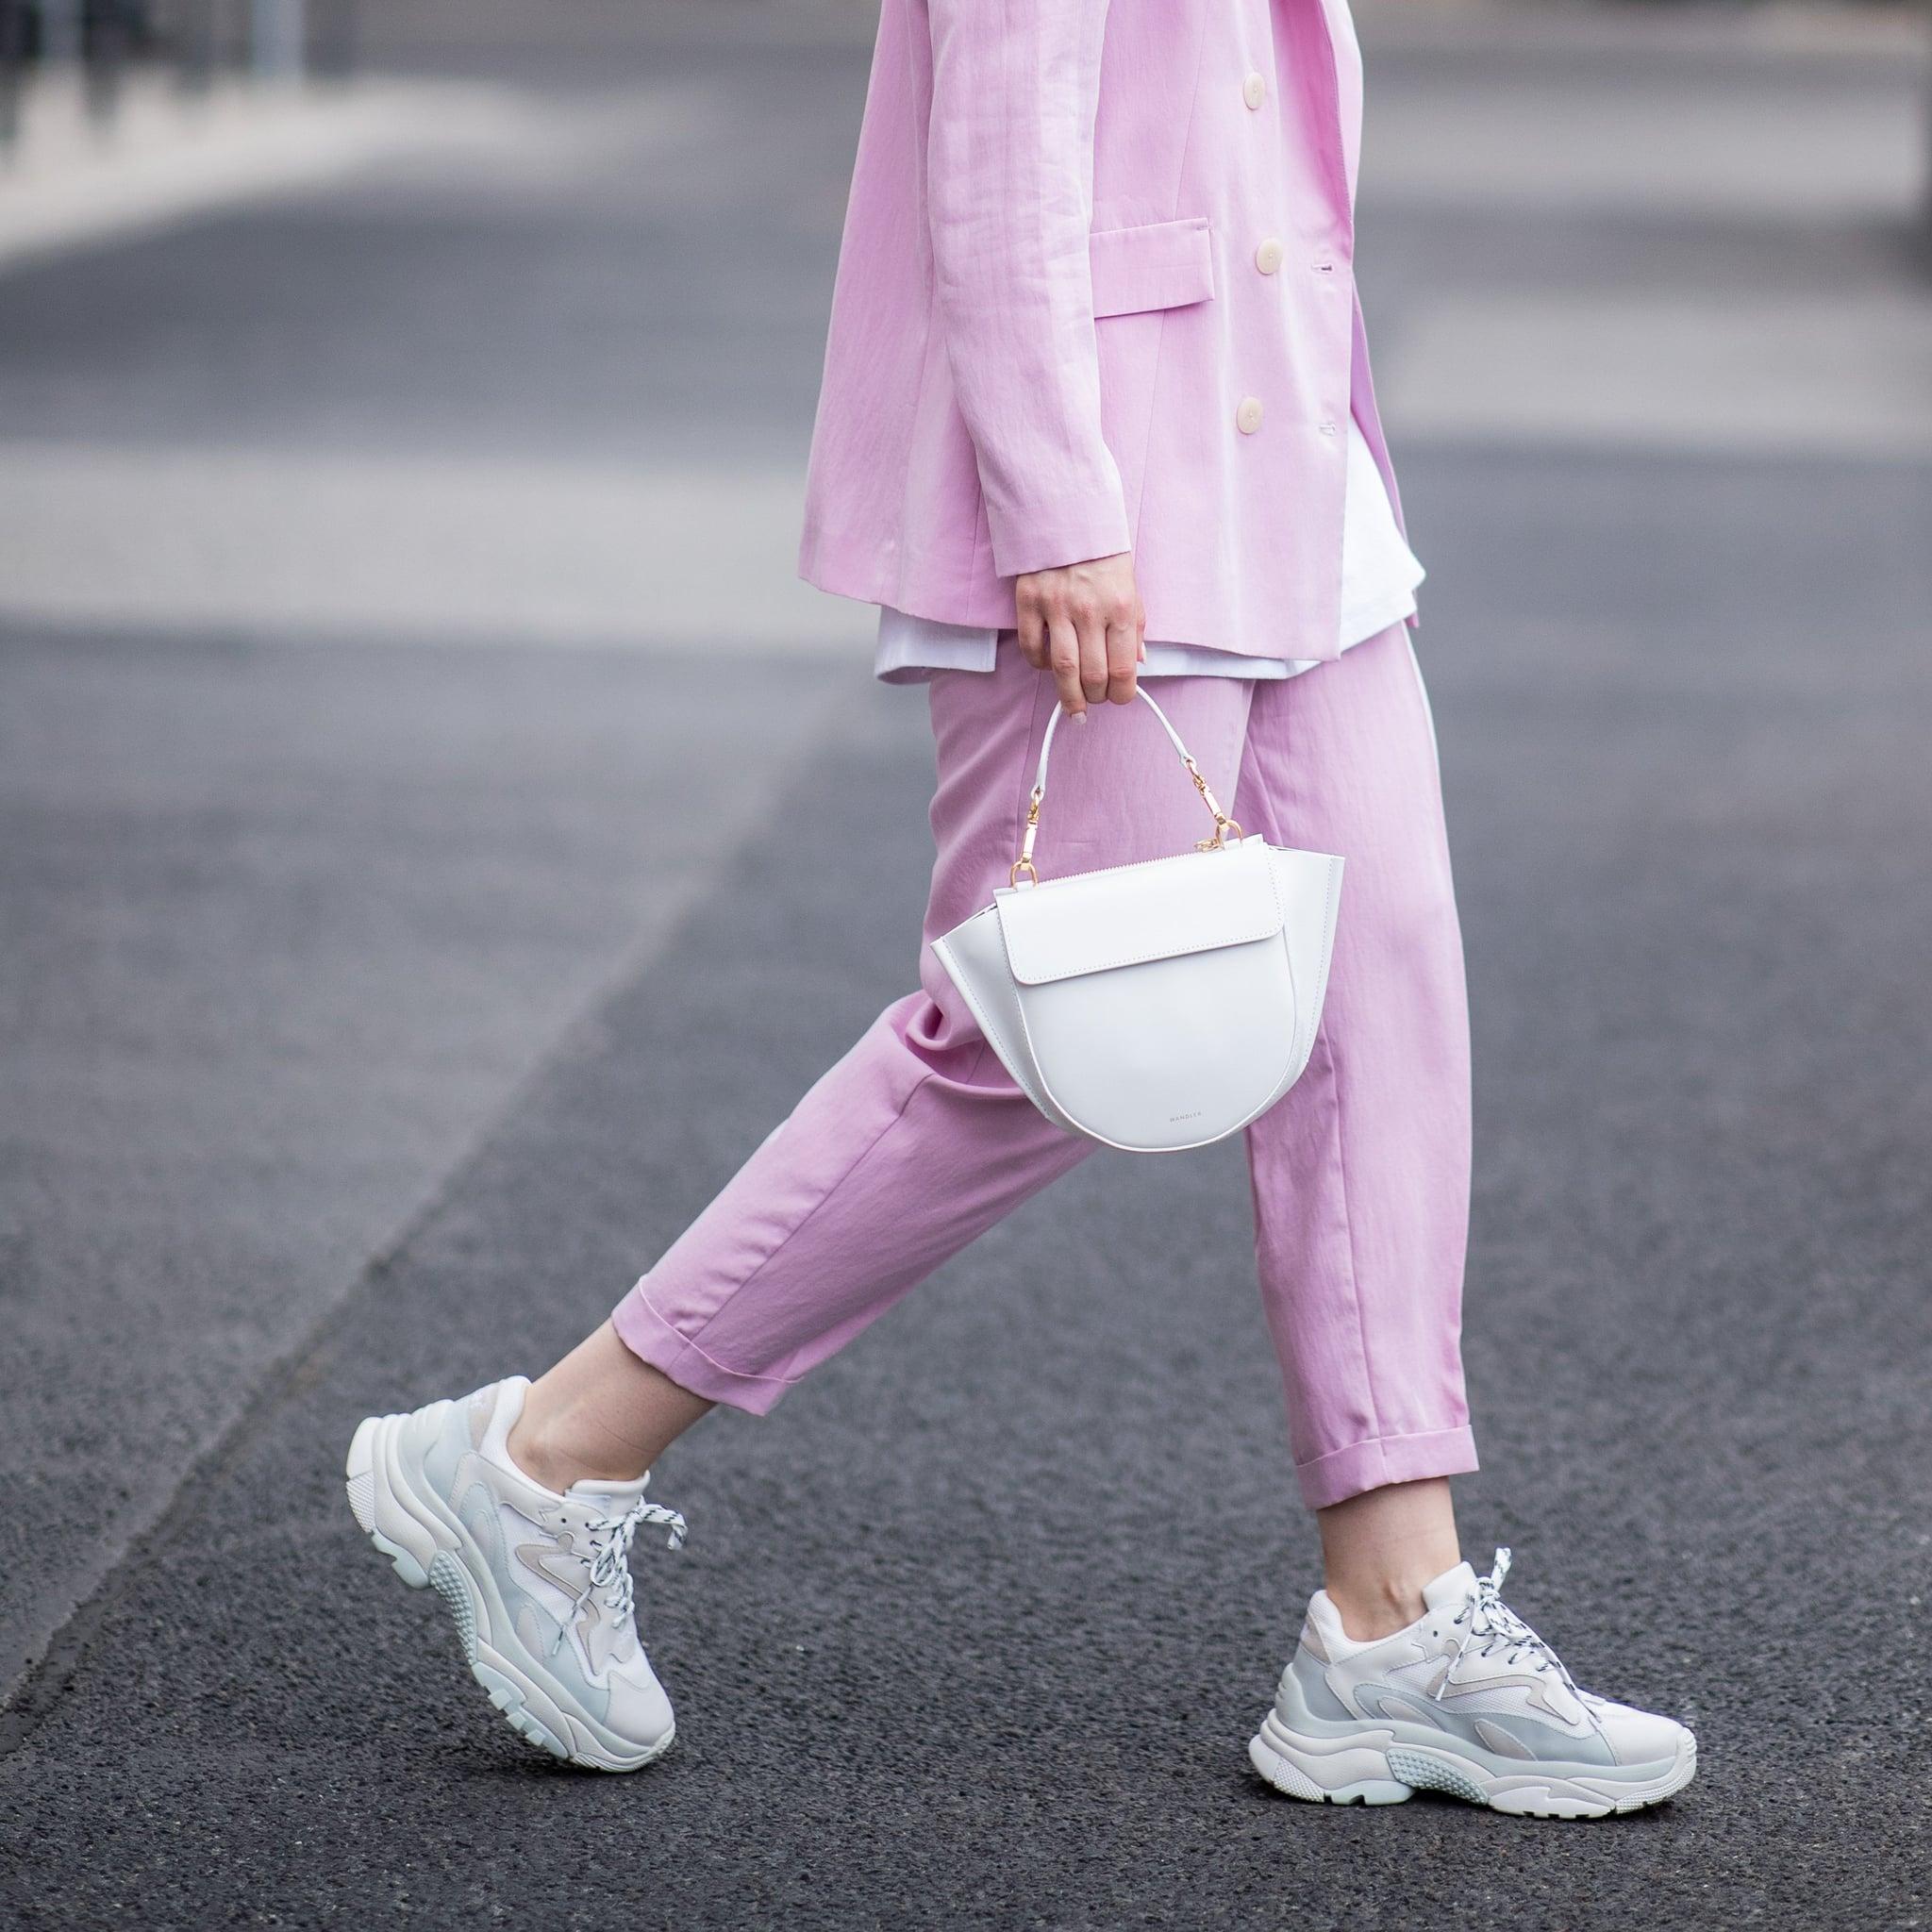 best luxury sneakers 2018 women's